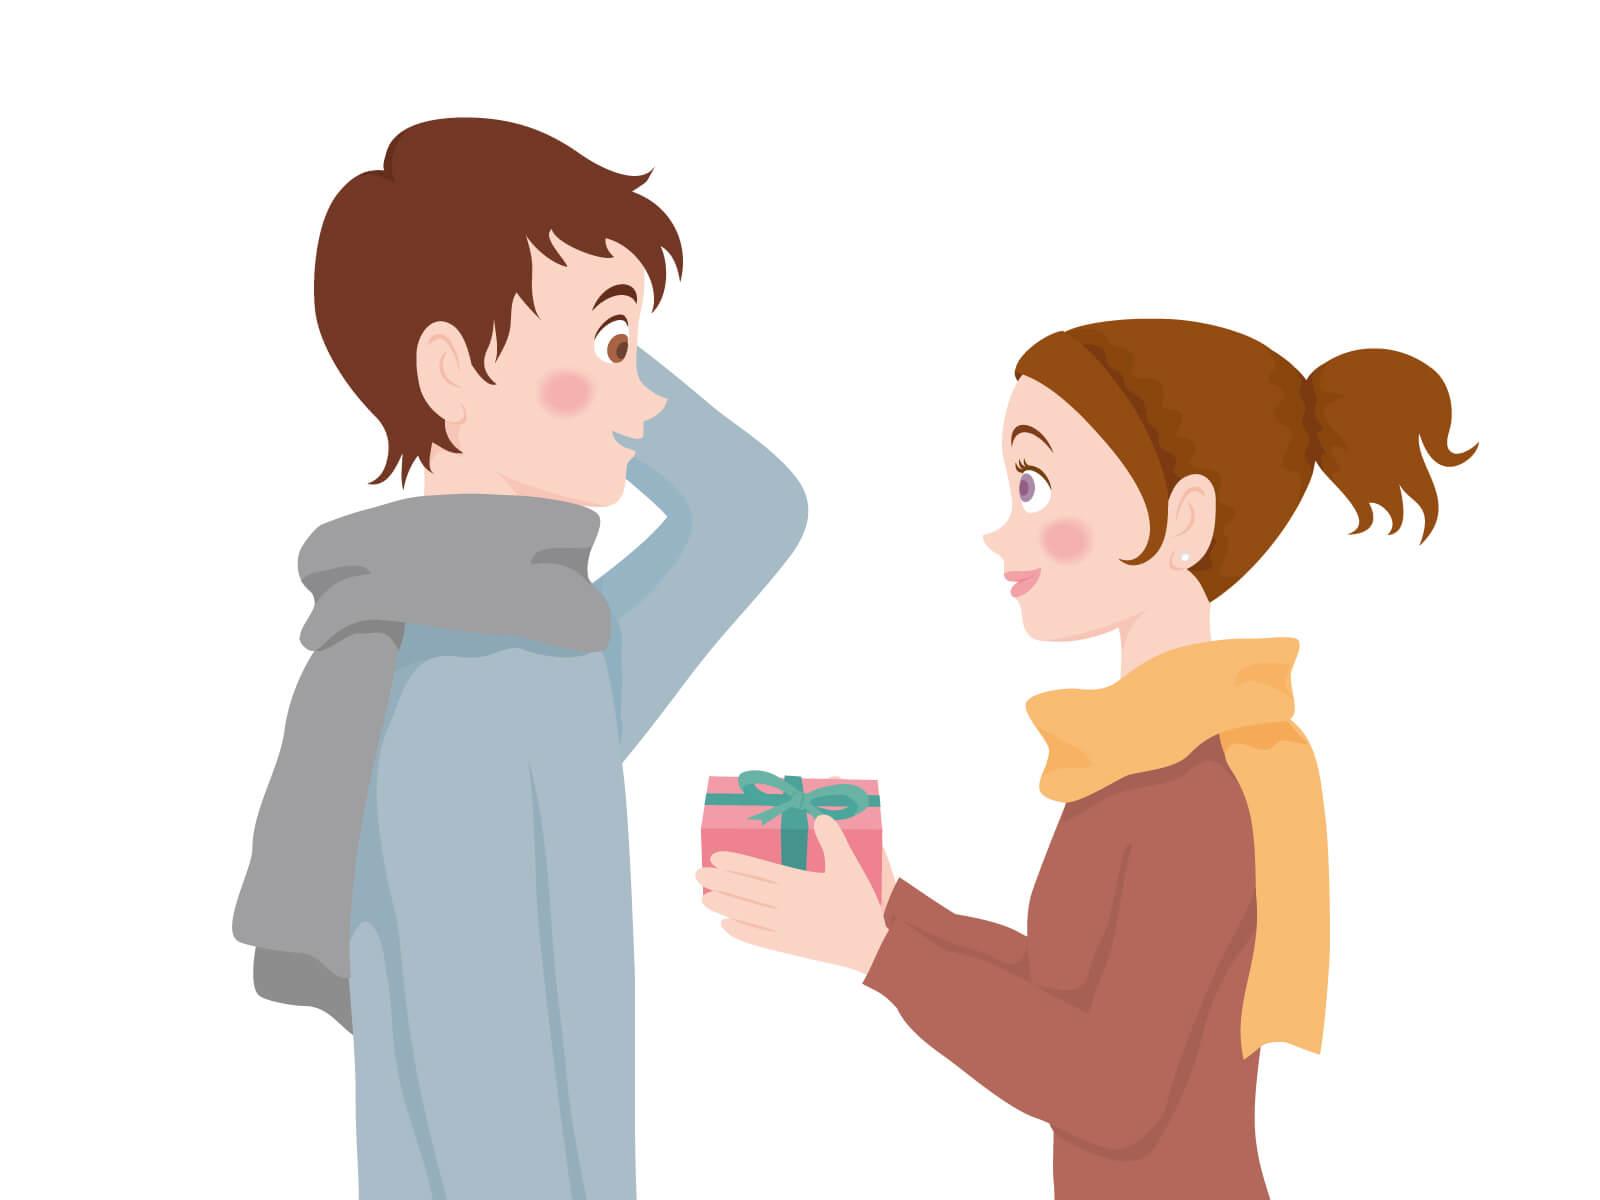 バレンタインにチョコを貰う方法...